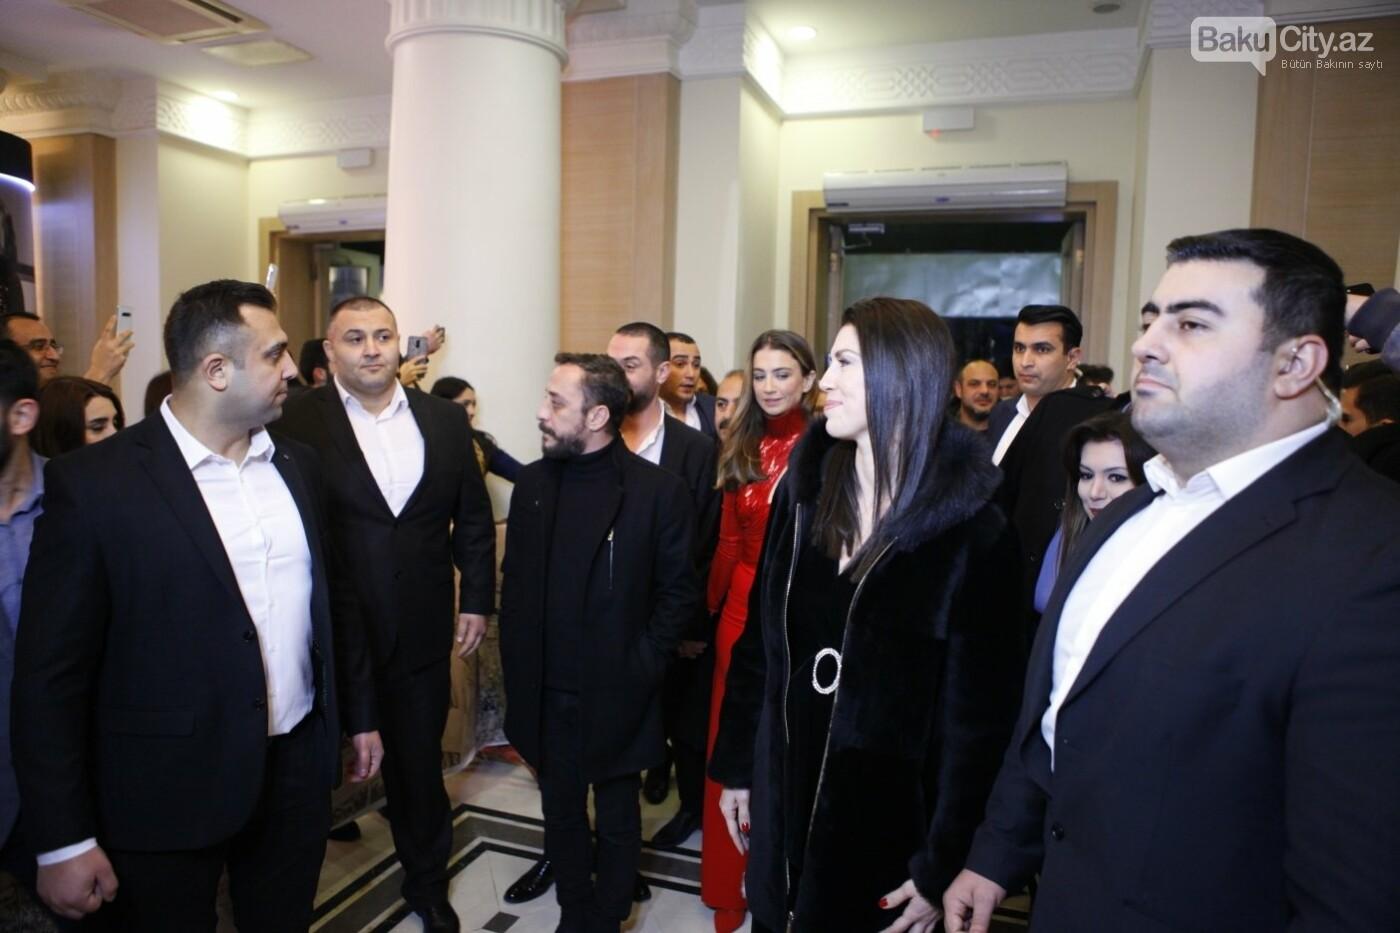 """Türk aktyorlar Bakı tamaşaçılarını güldürdü: """"Aman reis duymasın"""" - FOTO + VİDEO, fotoşəkil-1"""